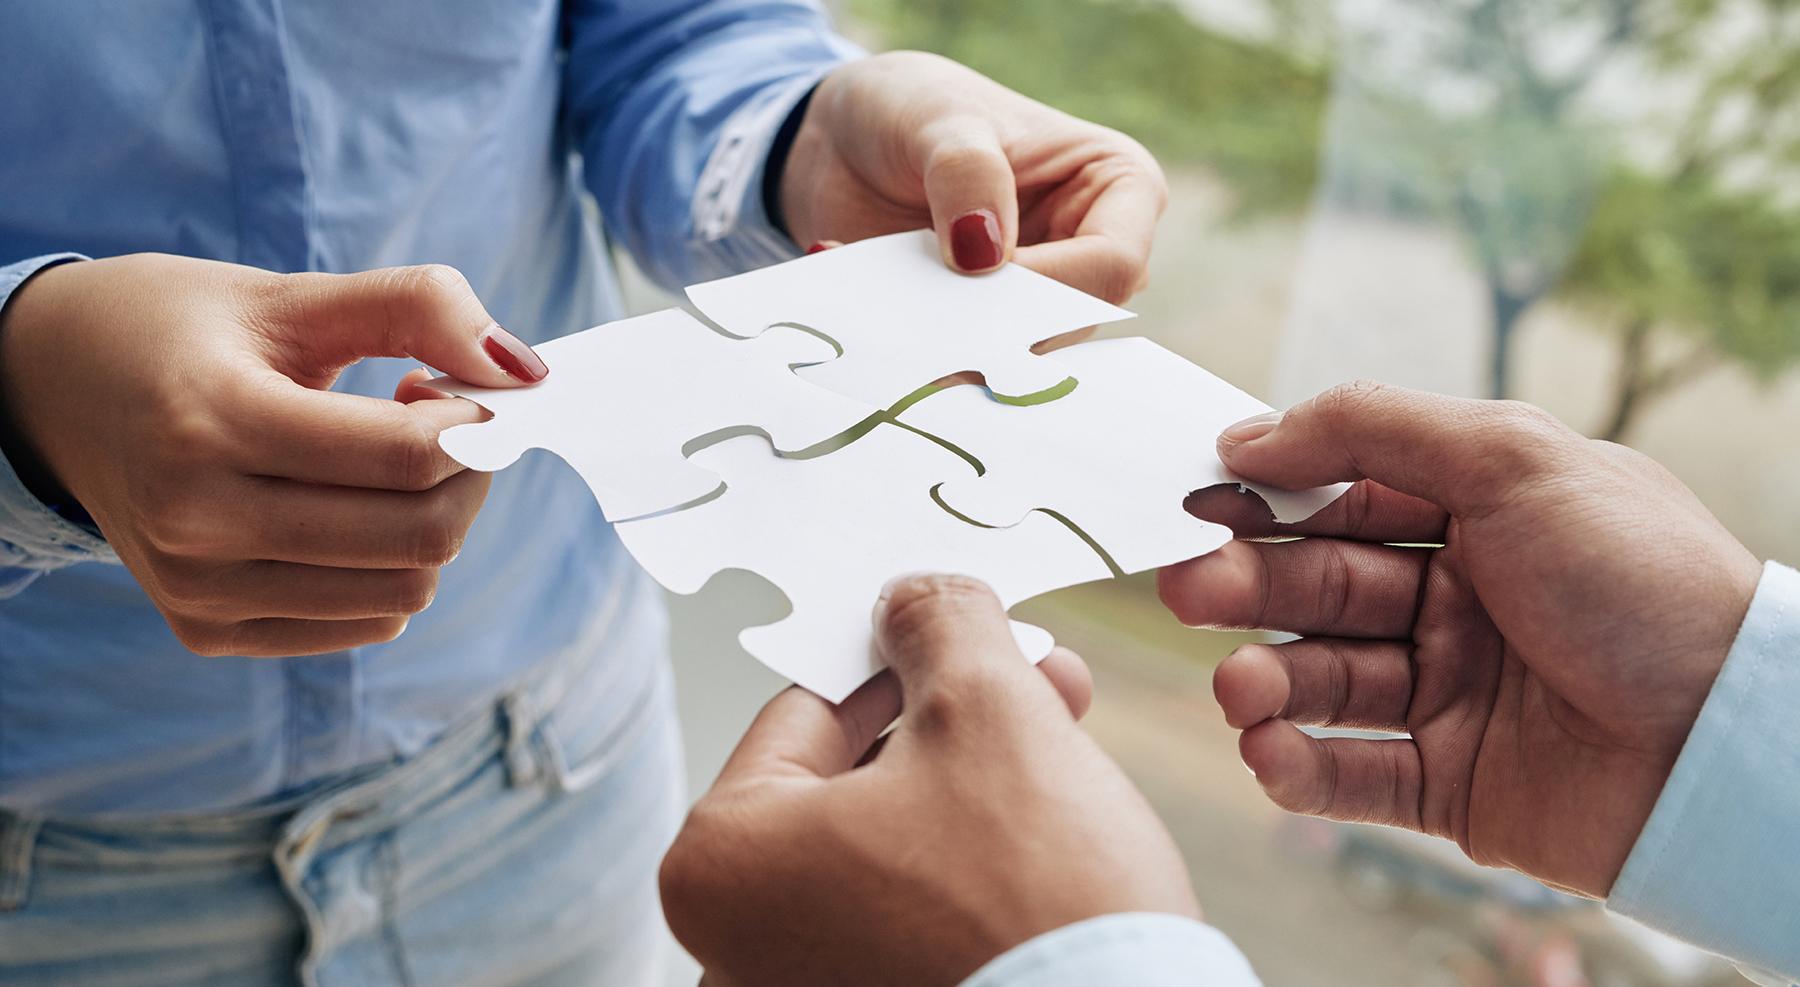 activar ecosistemas innovacion